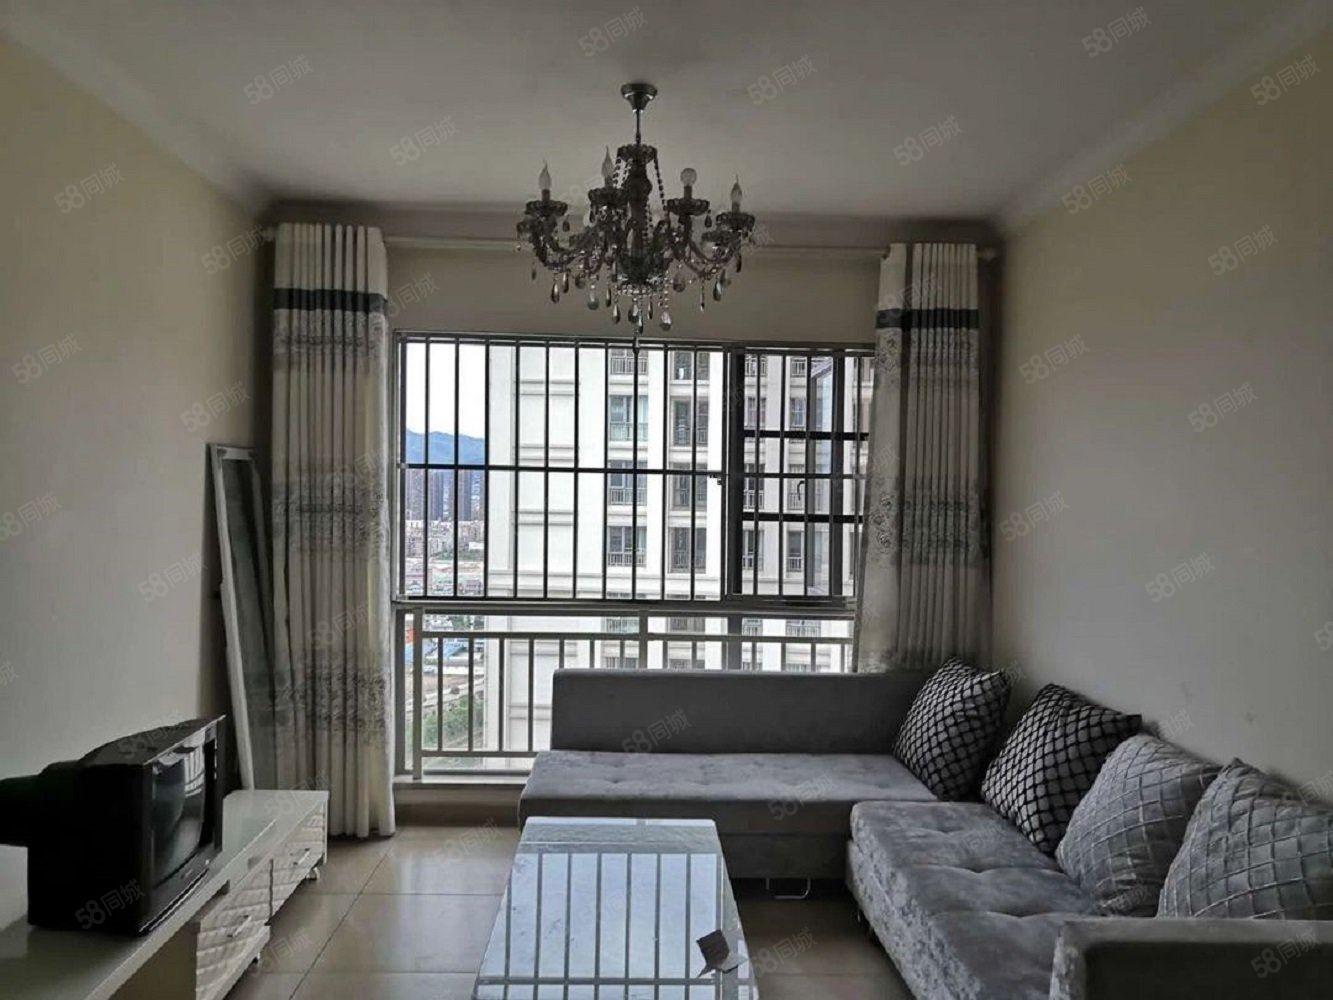 湖畔之城精装修带家具家电澳门金沙平台拎包入住三室